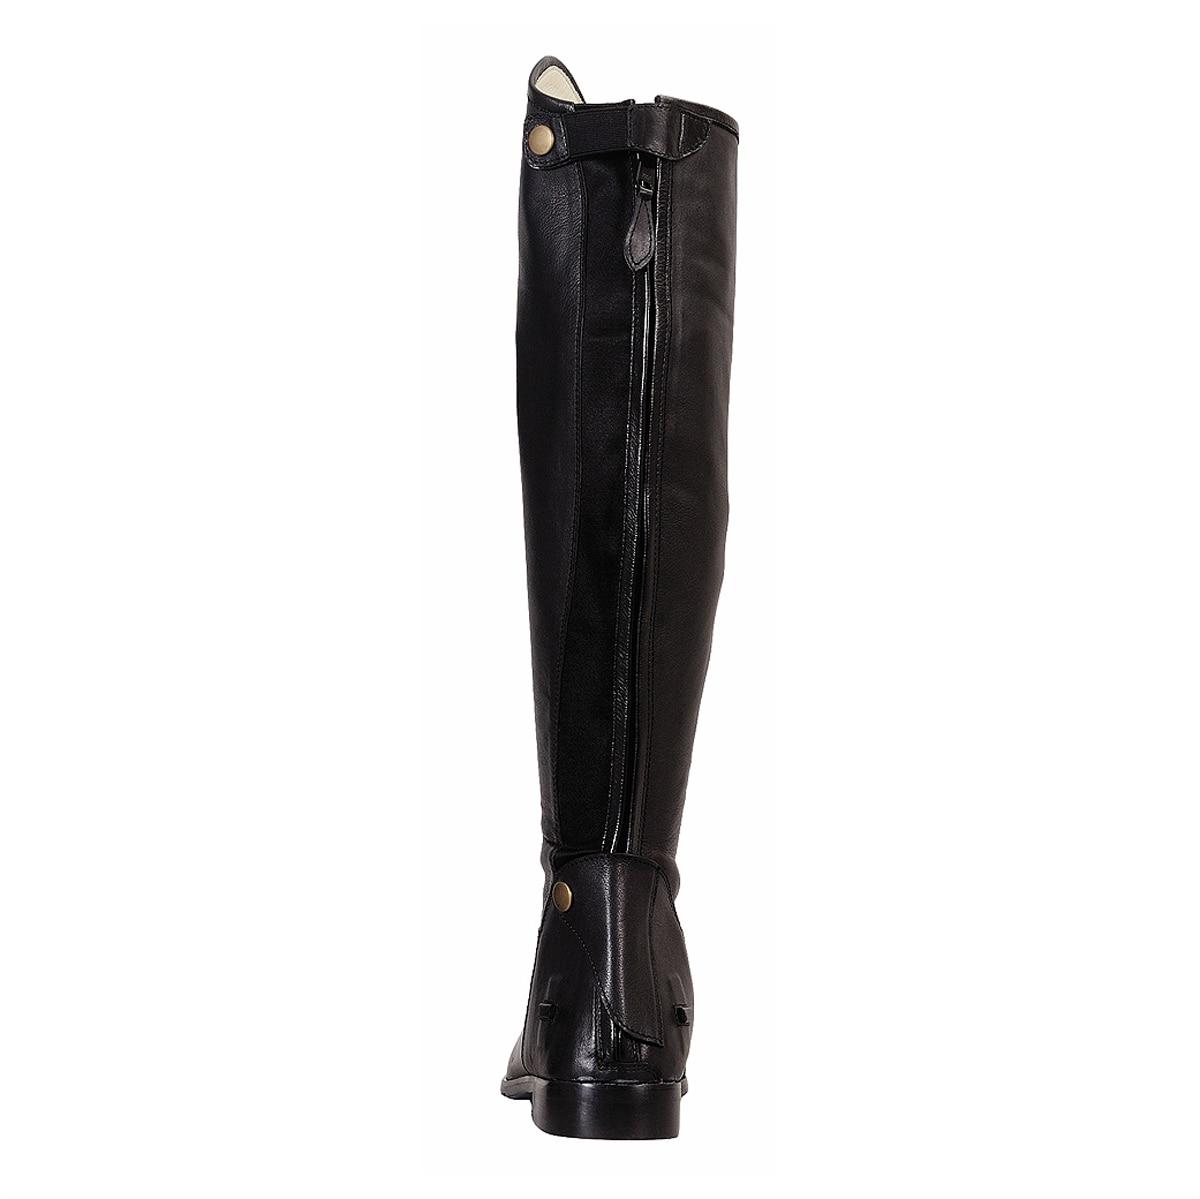 92540efaa63 TuffRider Ladies Wellesley Tall Boots